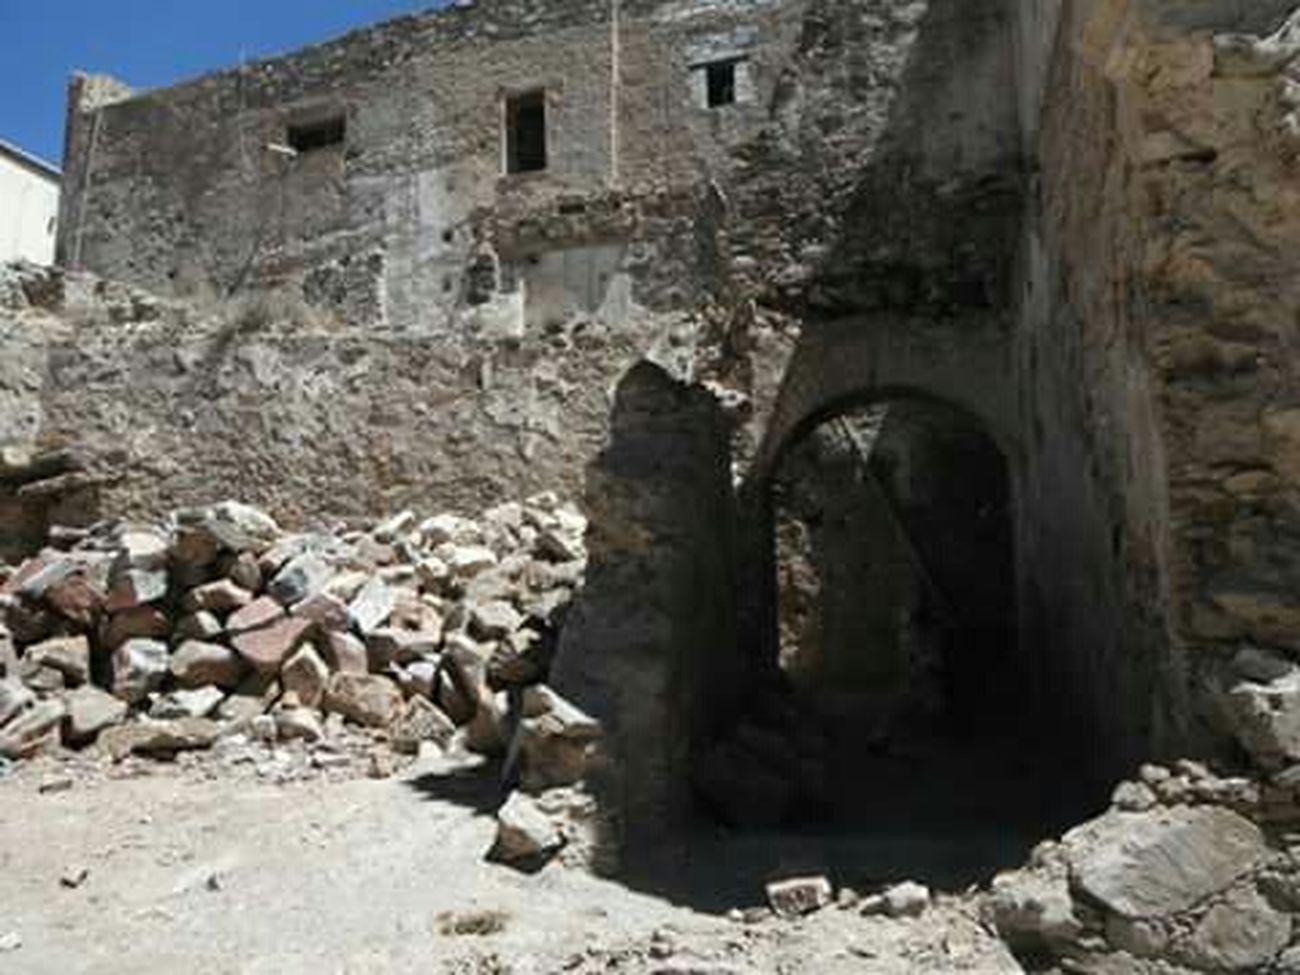 Dando El Rol en Real De Catorce las Calles En Ruinas